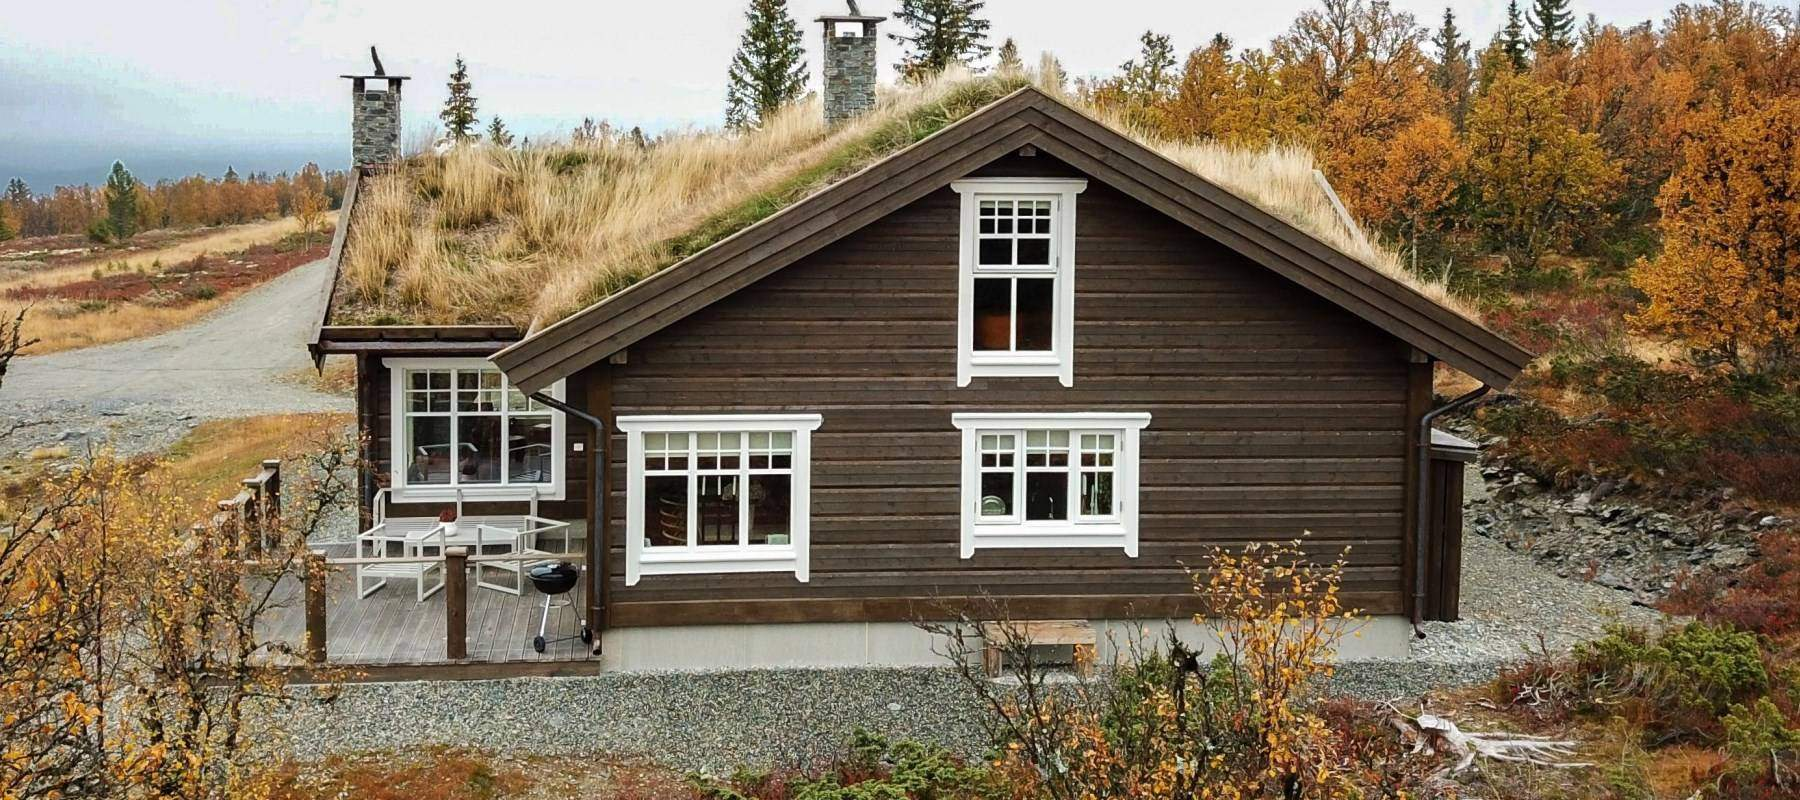 42 Hytteleverandor – Tiurtoppen Hytter Inspirasjon hytte pa Gålå